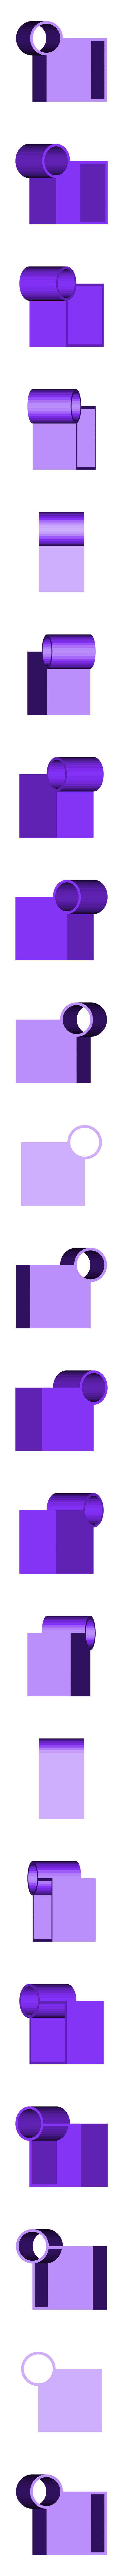 Pencil Tree_ Leaf.stl Download free STL file Pencil Tree • 3D print object, Terryyy